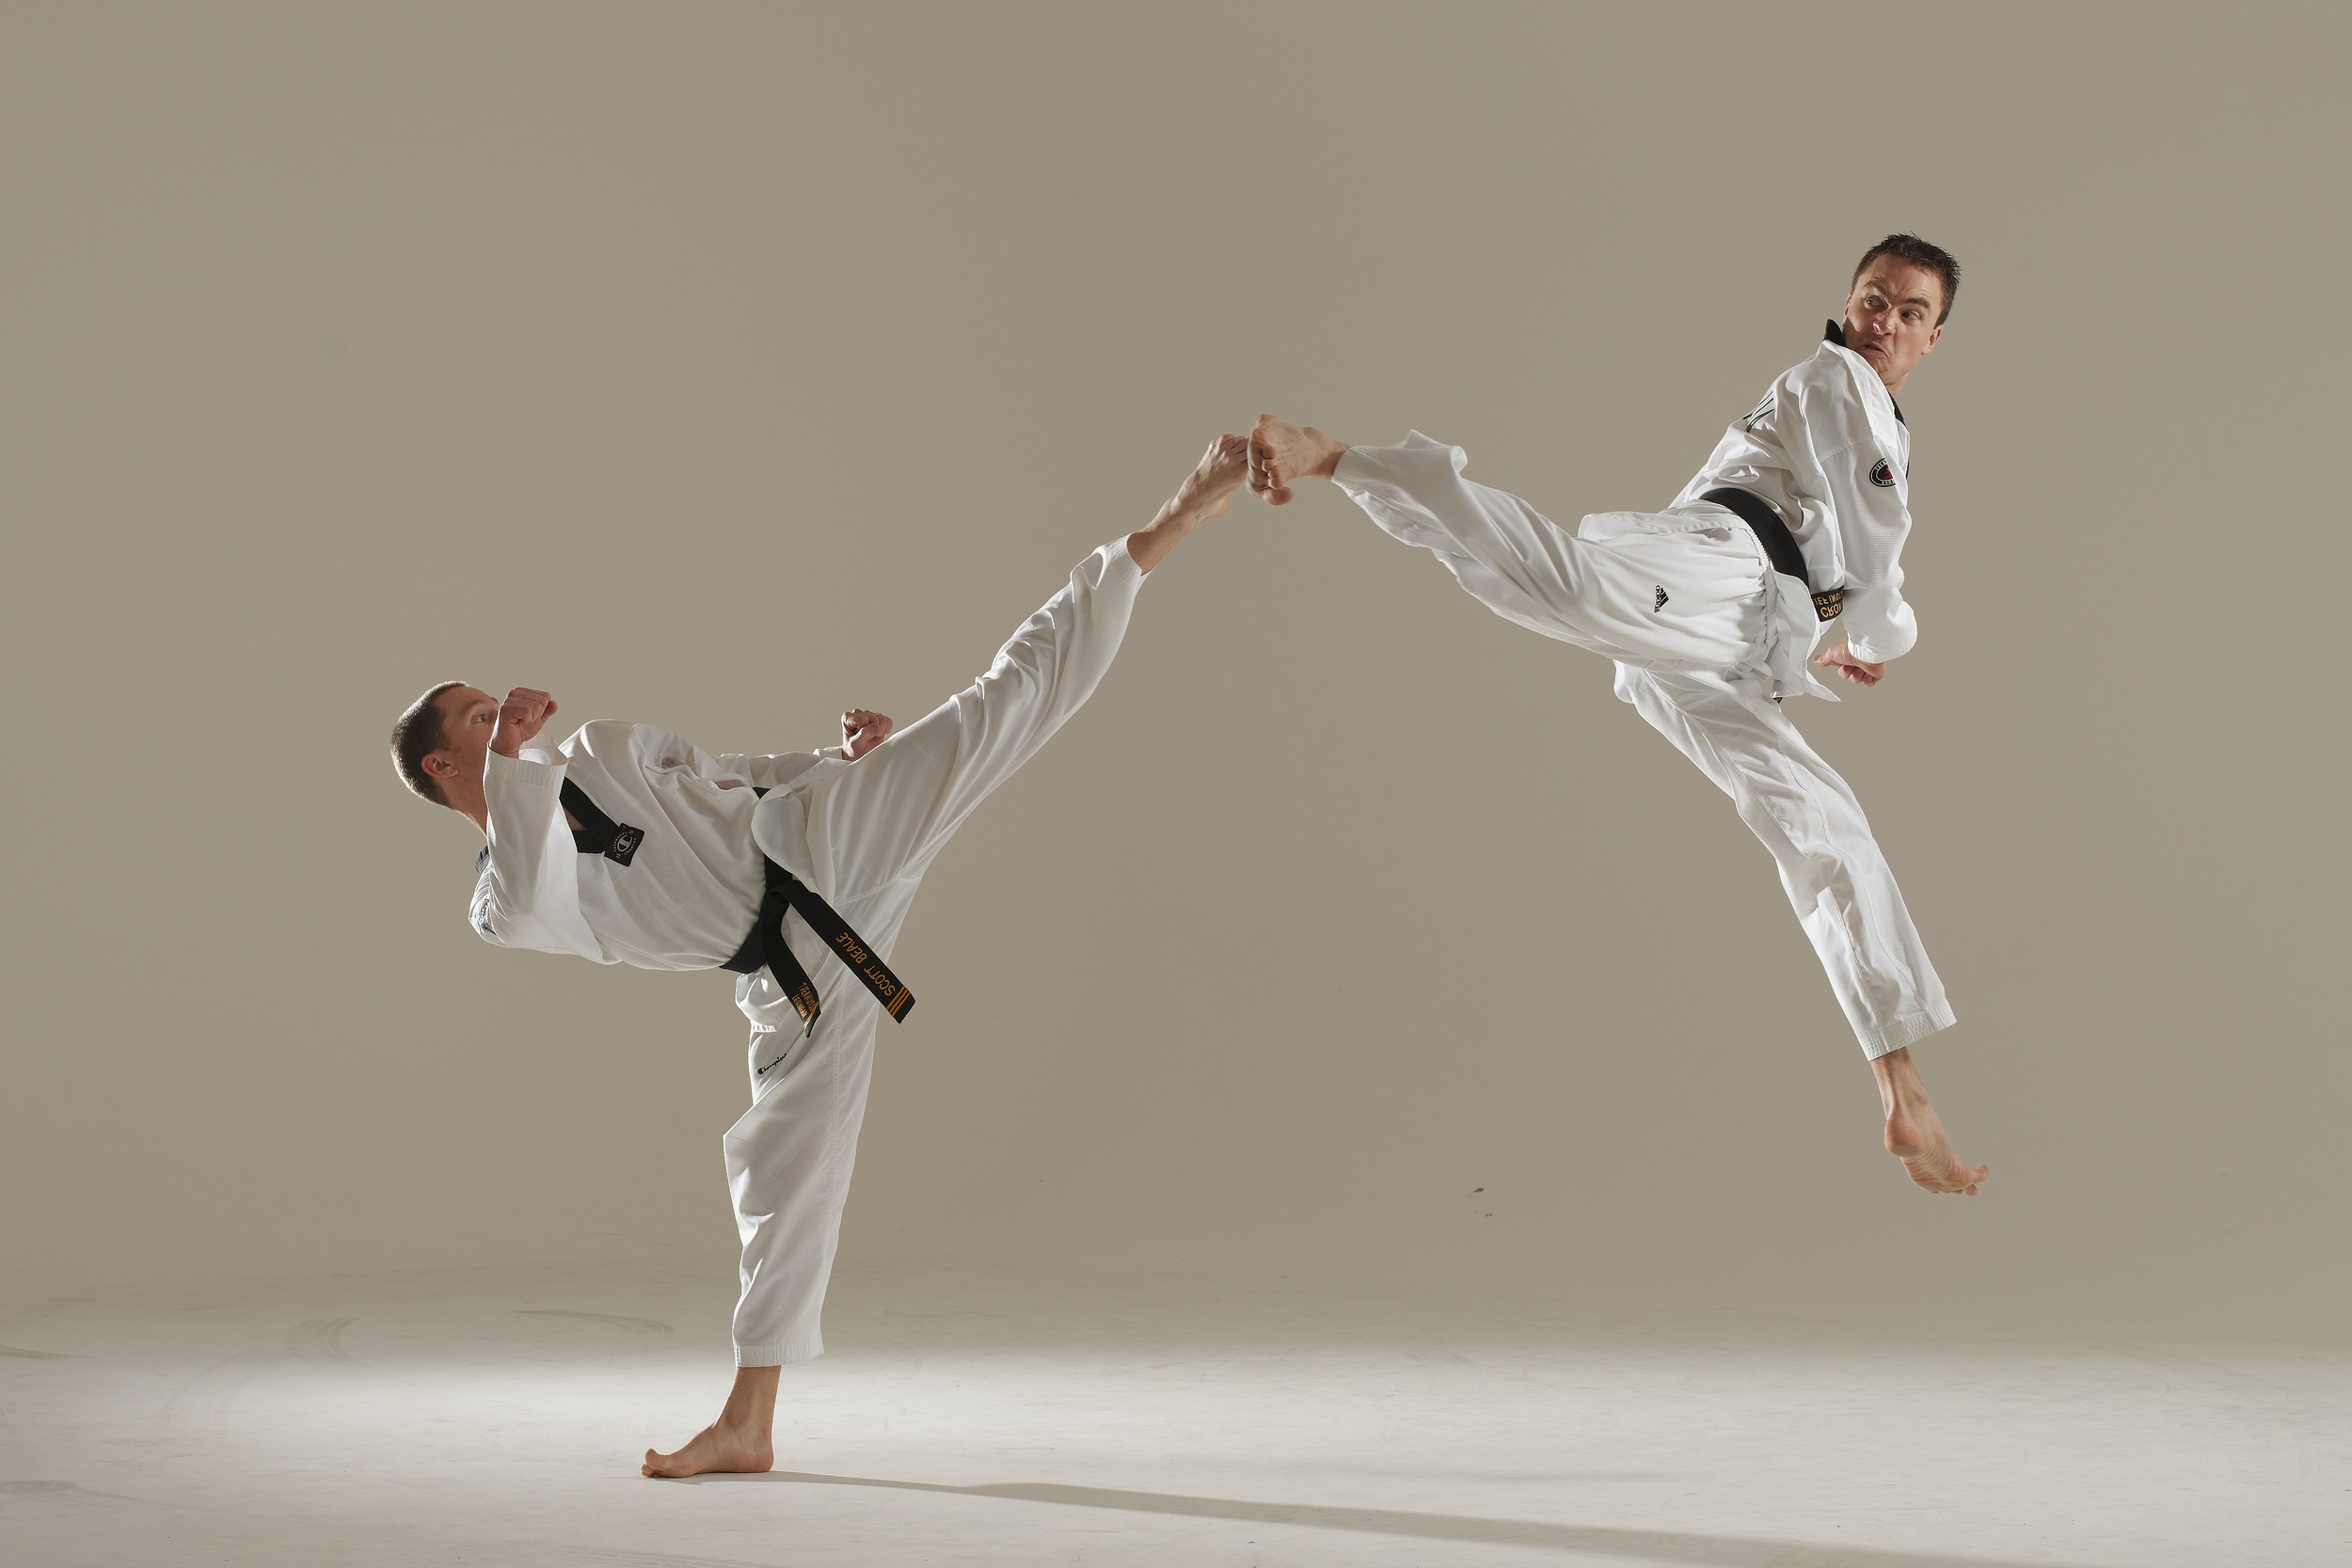 Crow Martial Arts